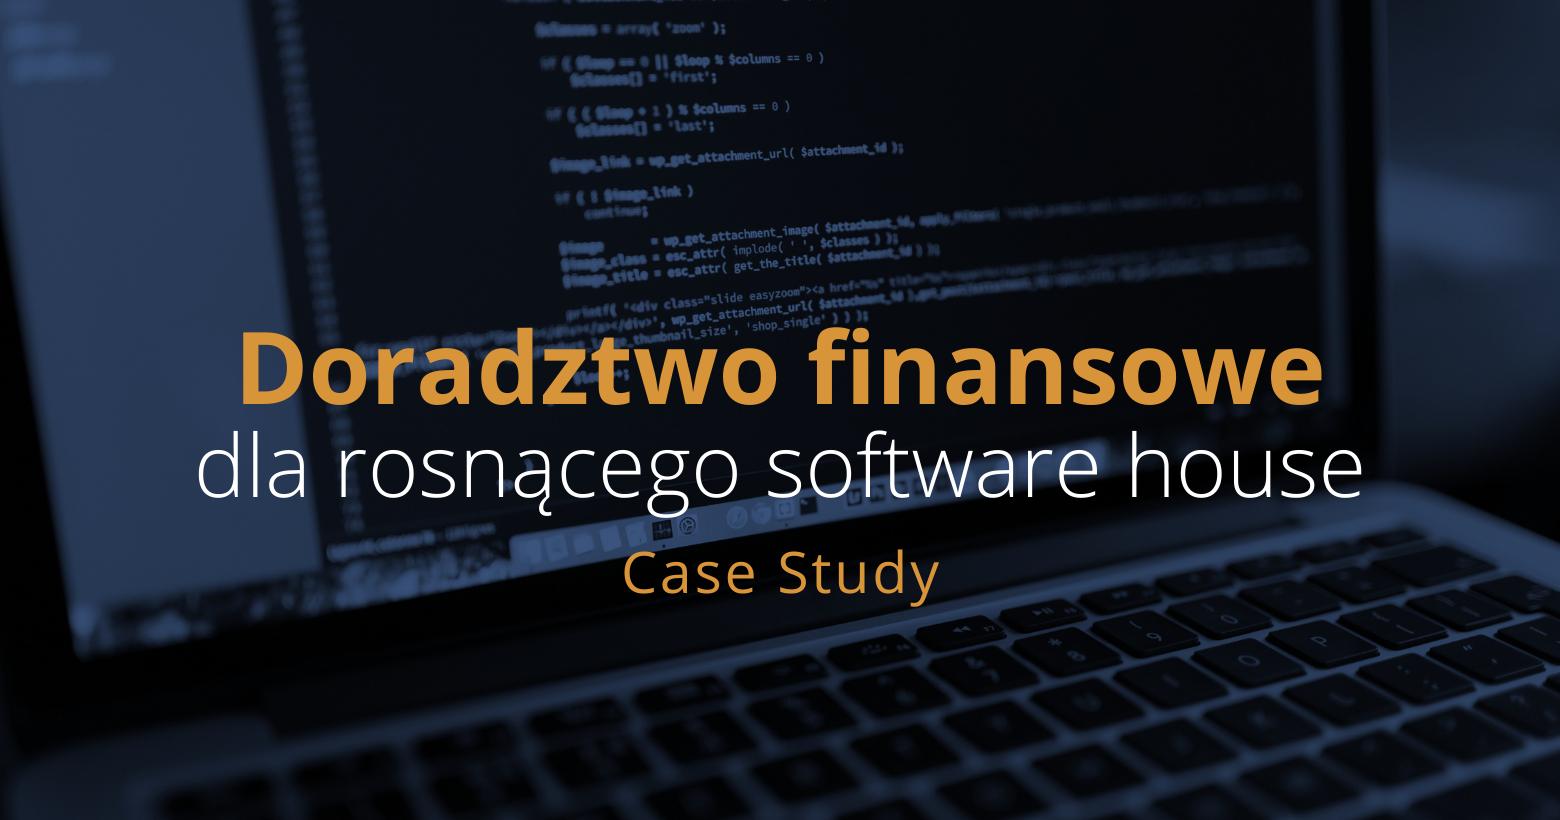 Doradztwo finansowe dla software house